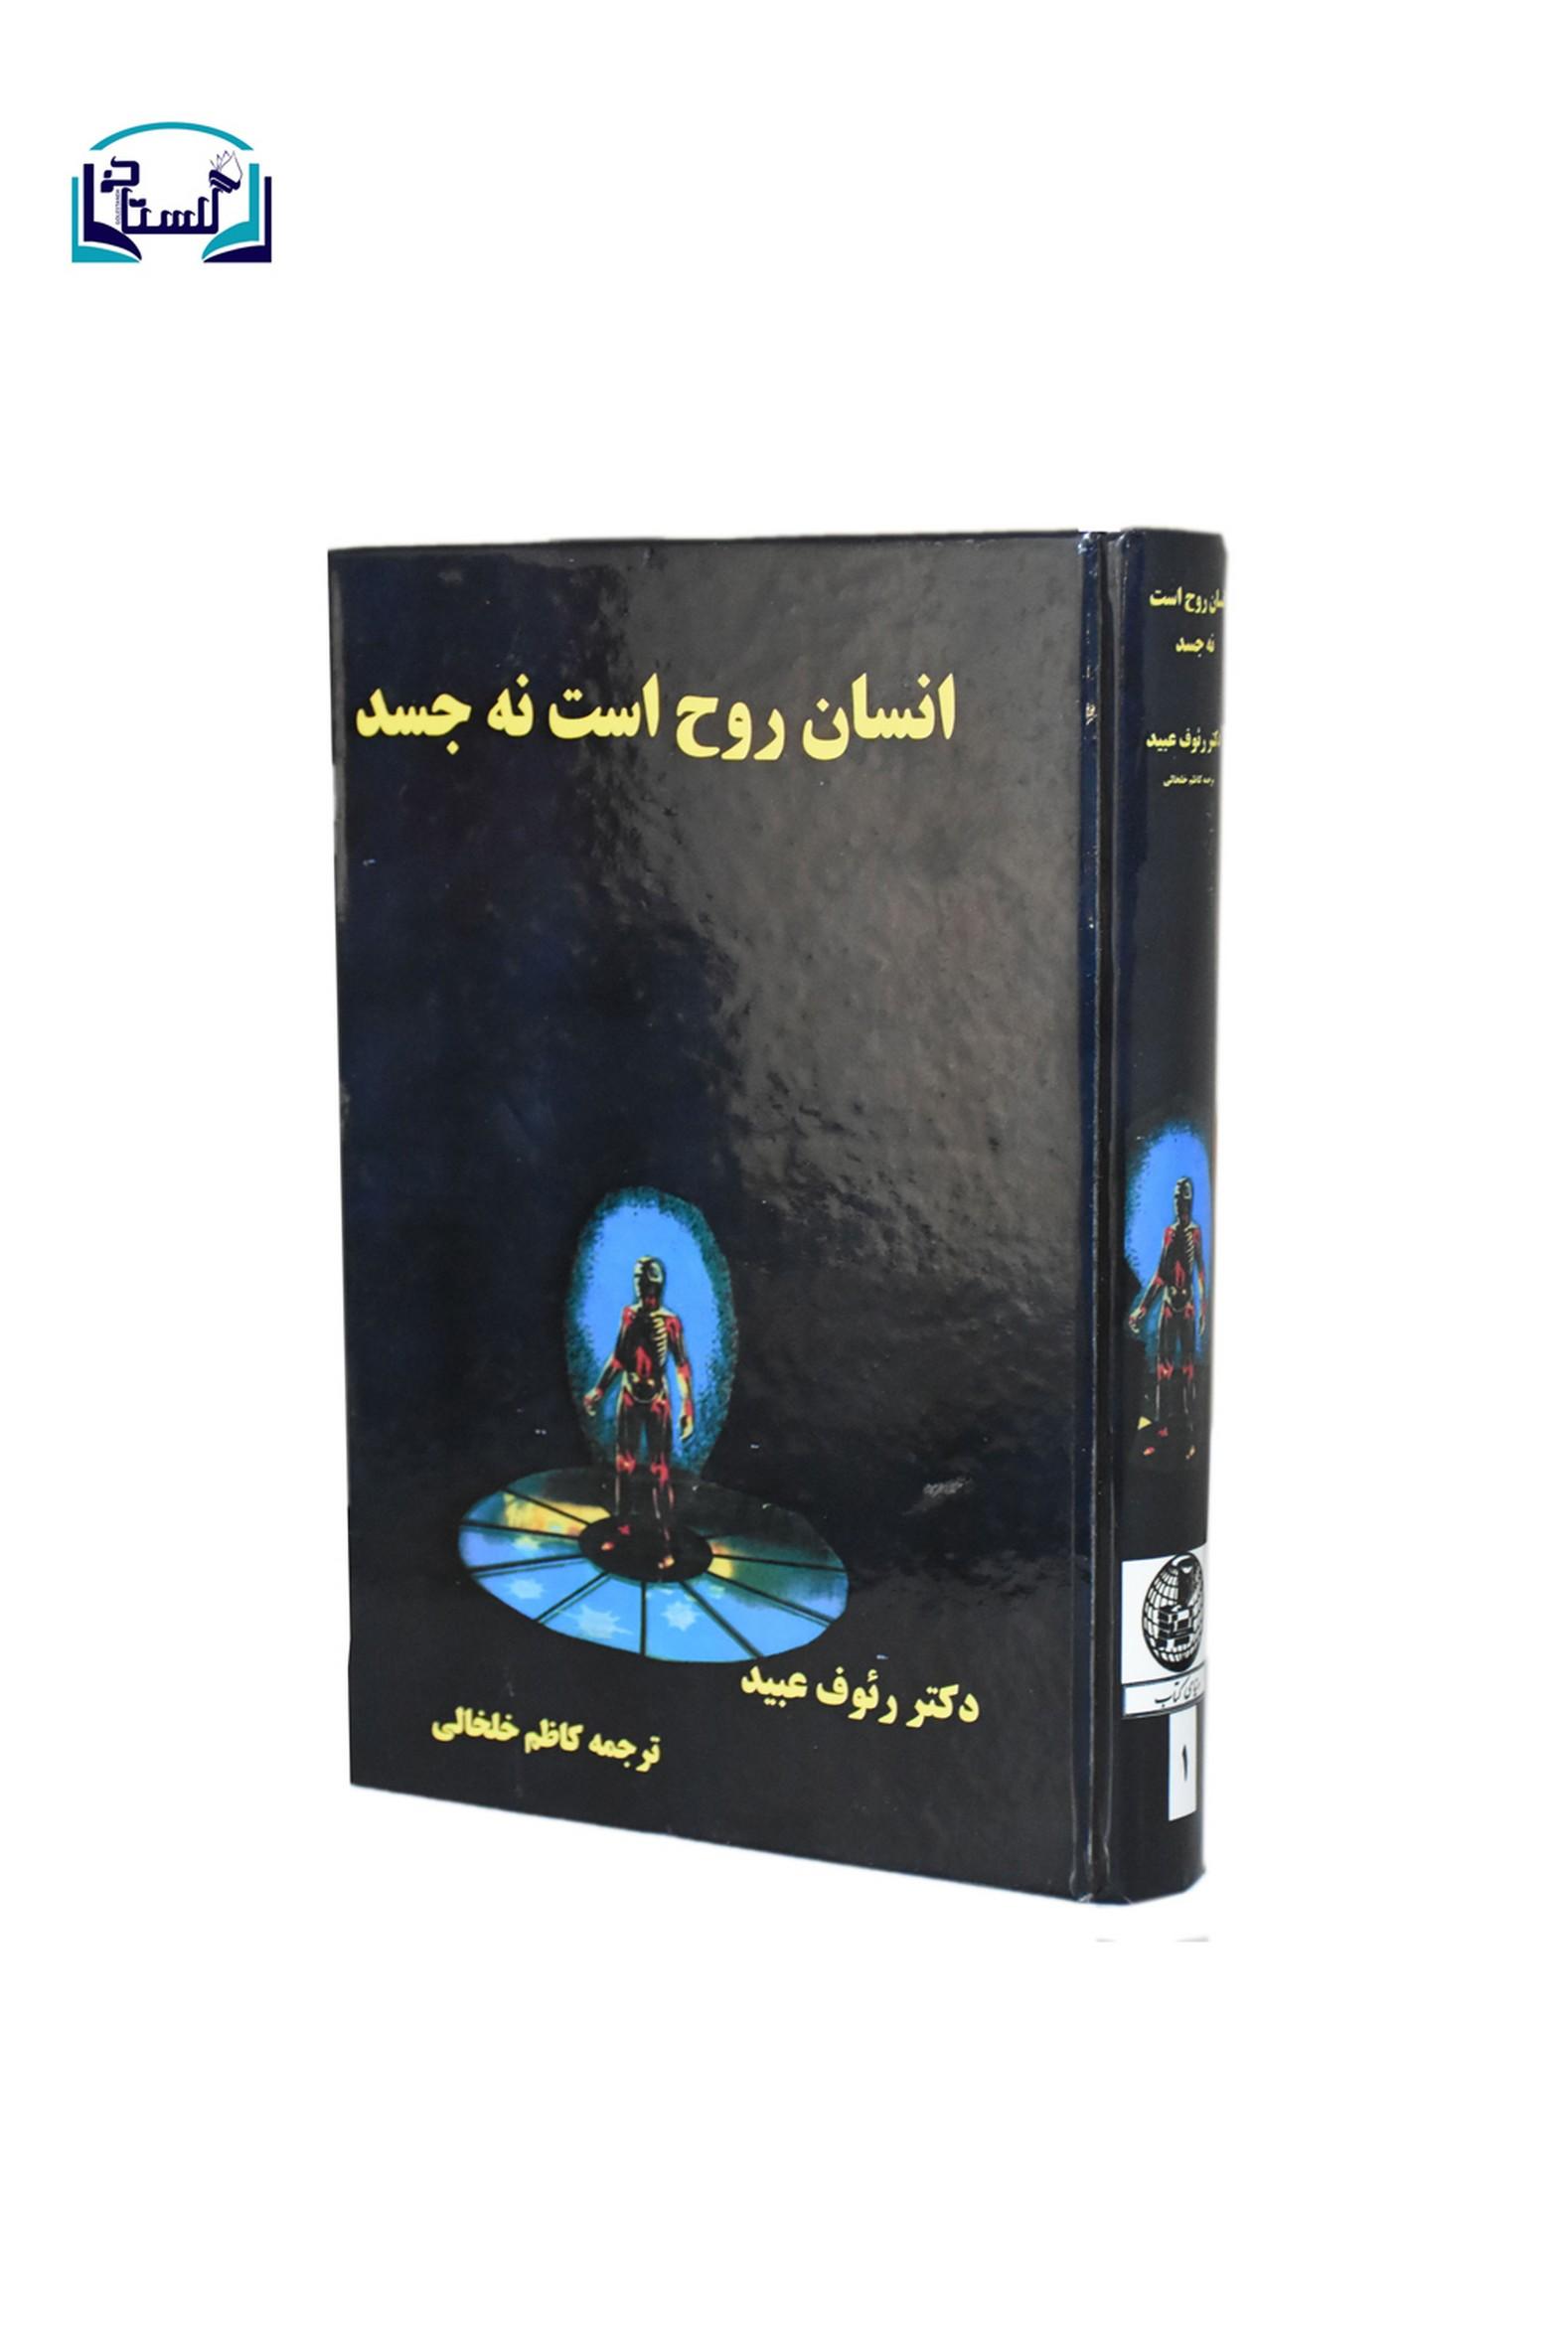 انسان-روح-است-نه-جسد2جلدي(دنياي-كتاب)وزيري-سلفون